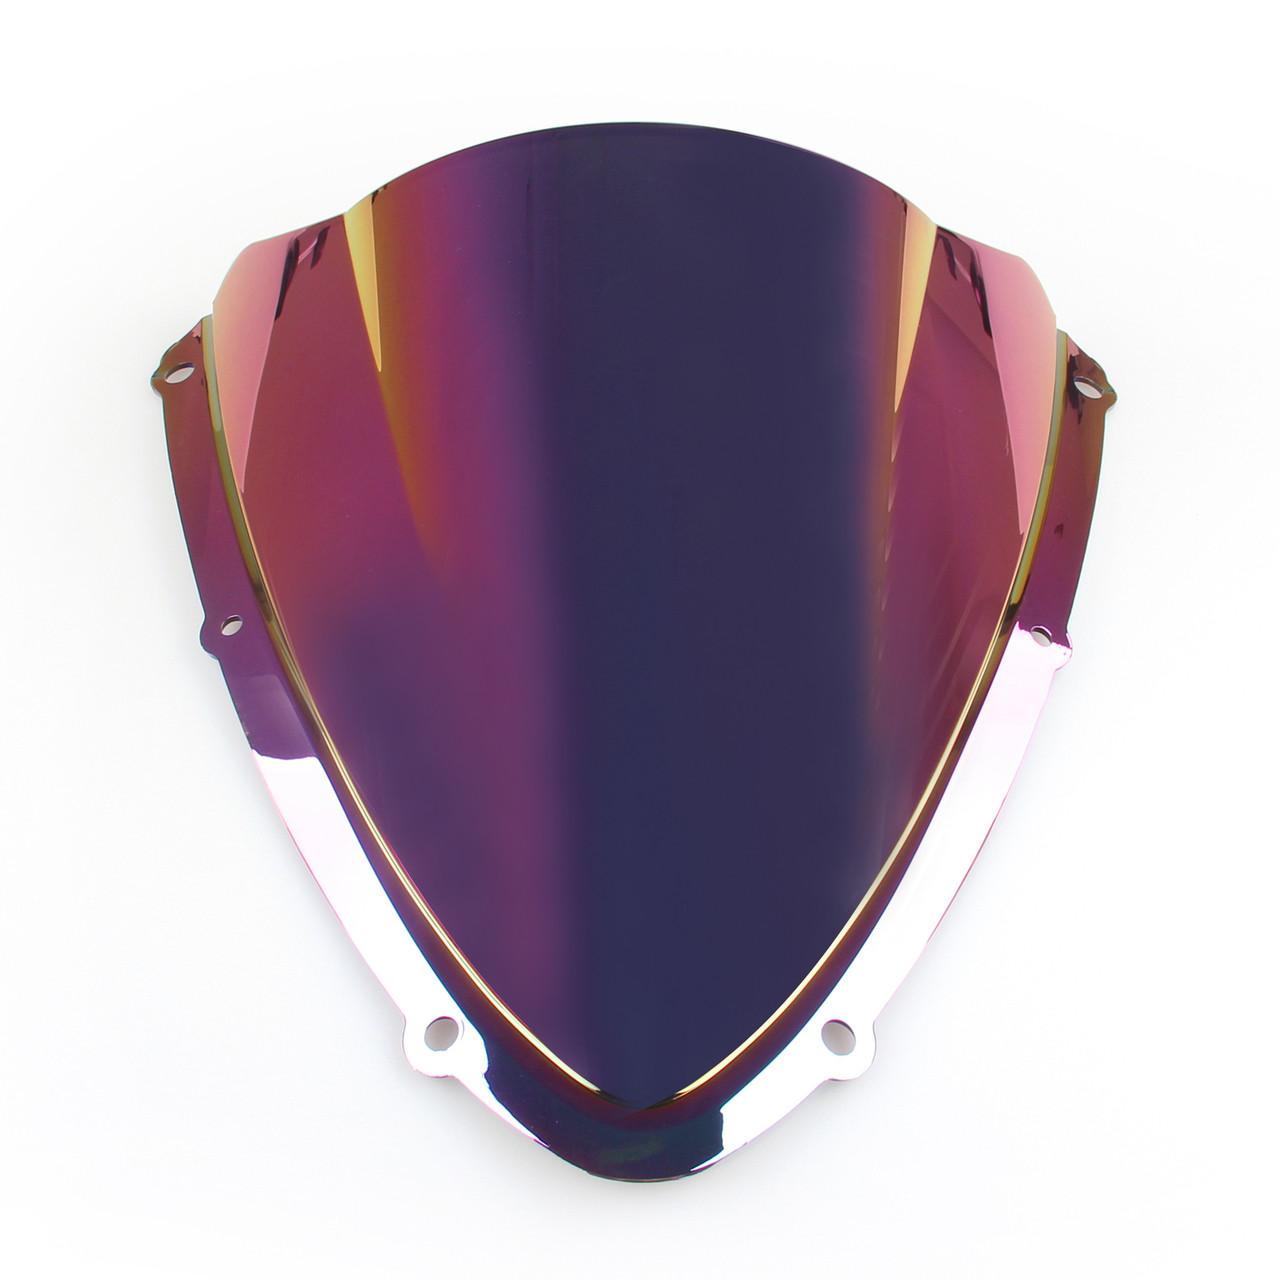 http://www.madhornets.store/AMZ/MotoPart/Windshield/Suzuki/WIN-S303/WIN-S303-Iridium-3.jpg